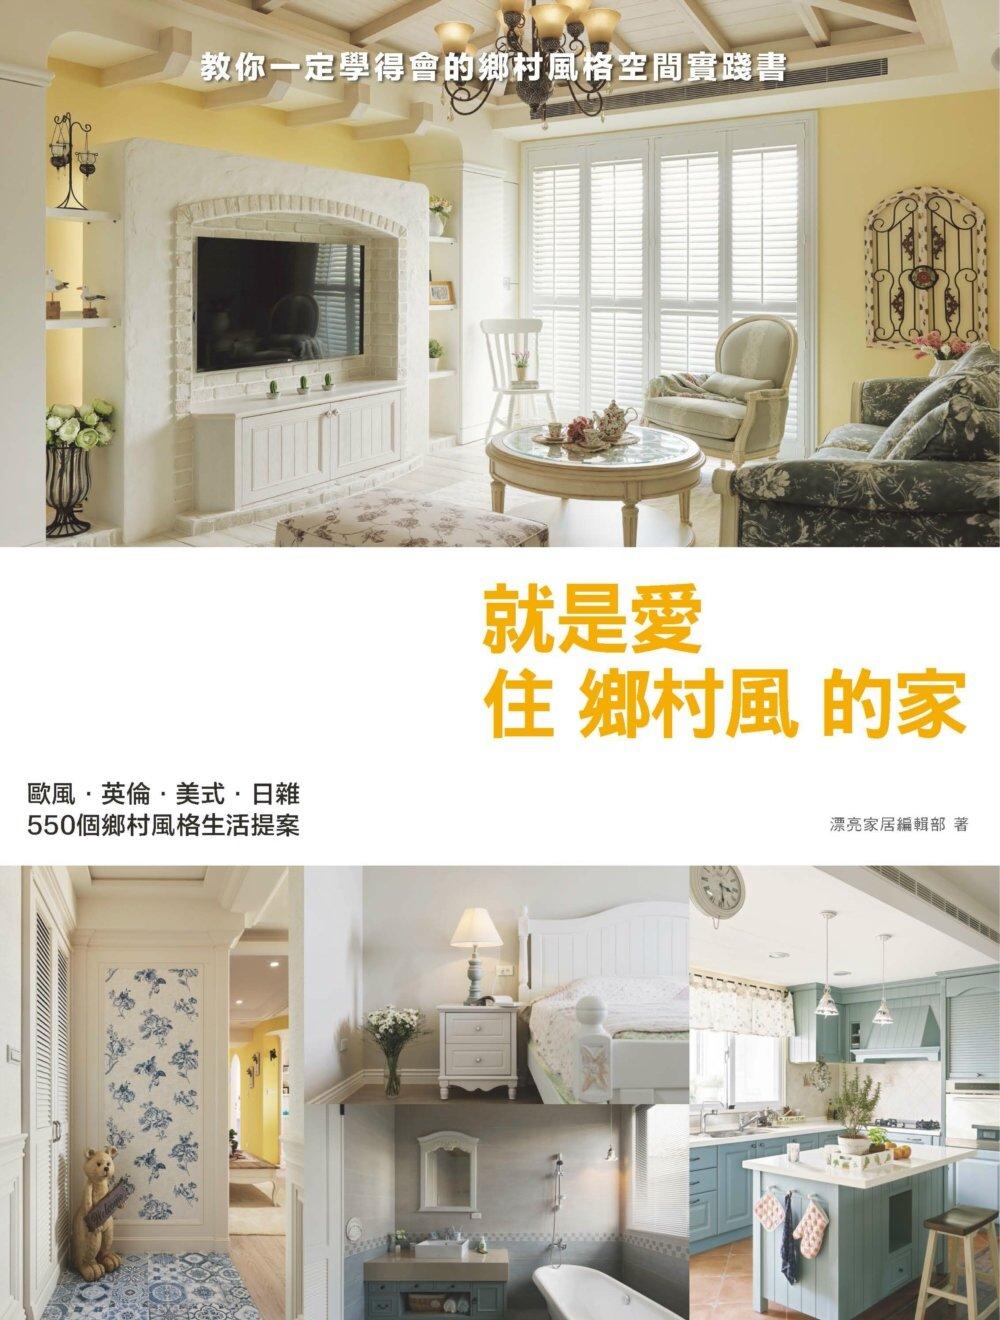 就是愛住鄉村風的家:歐風‧英倫‧美式‧日雜,550個鄉村風格 提案